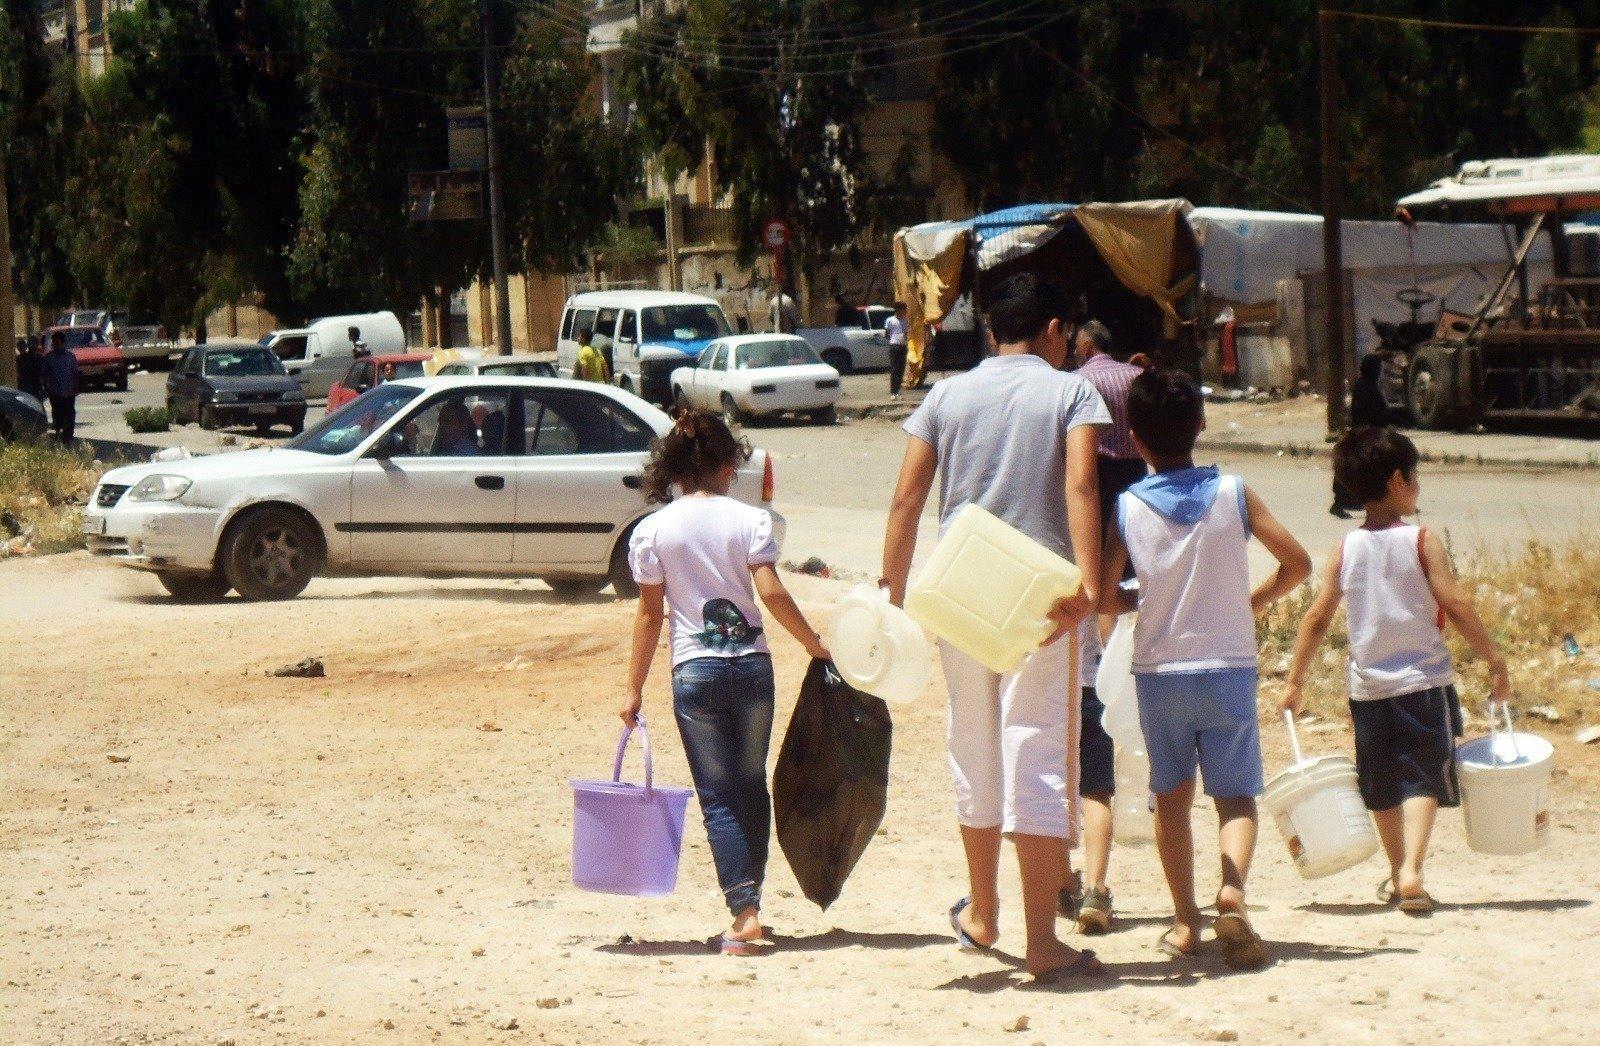 Des enfants à la recherche d'eau. Plus de 2 millions de personnes n'ont pas eu accès à l'eau pendant des mois à cause de la pénurie qui a sévi dans la ville déchirée par la guerre.